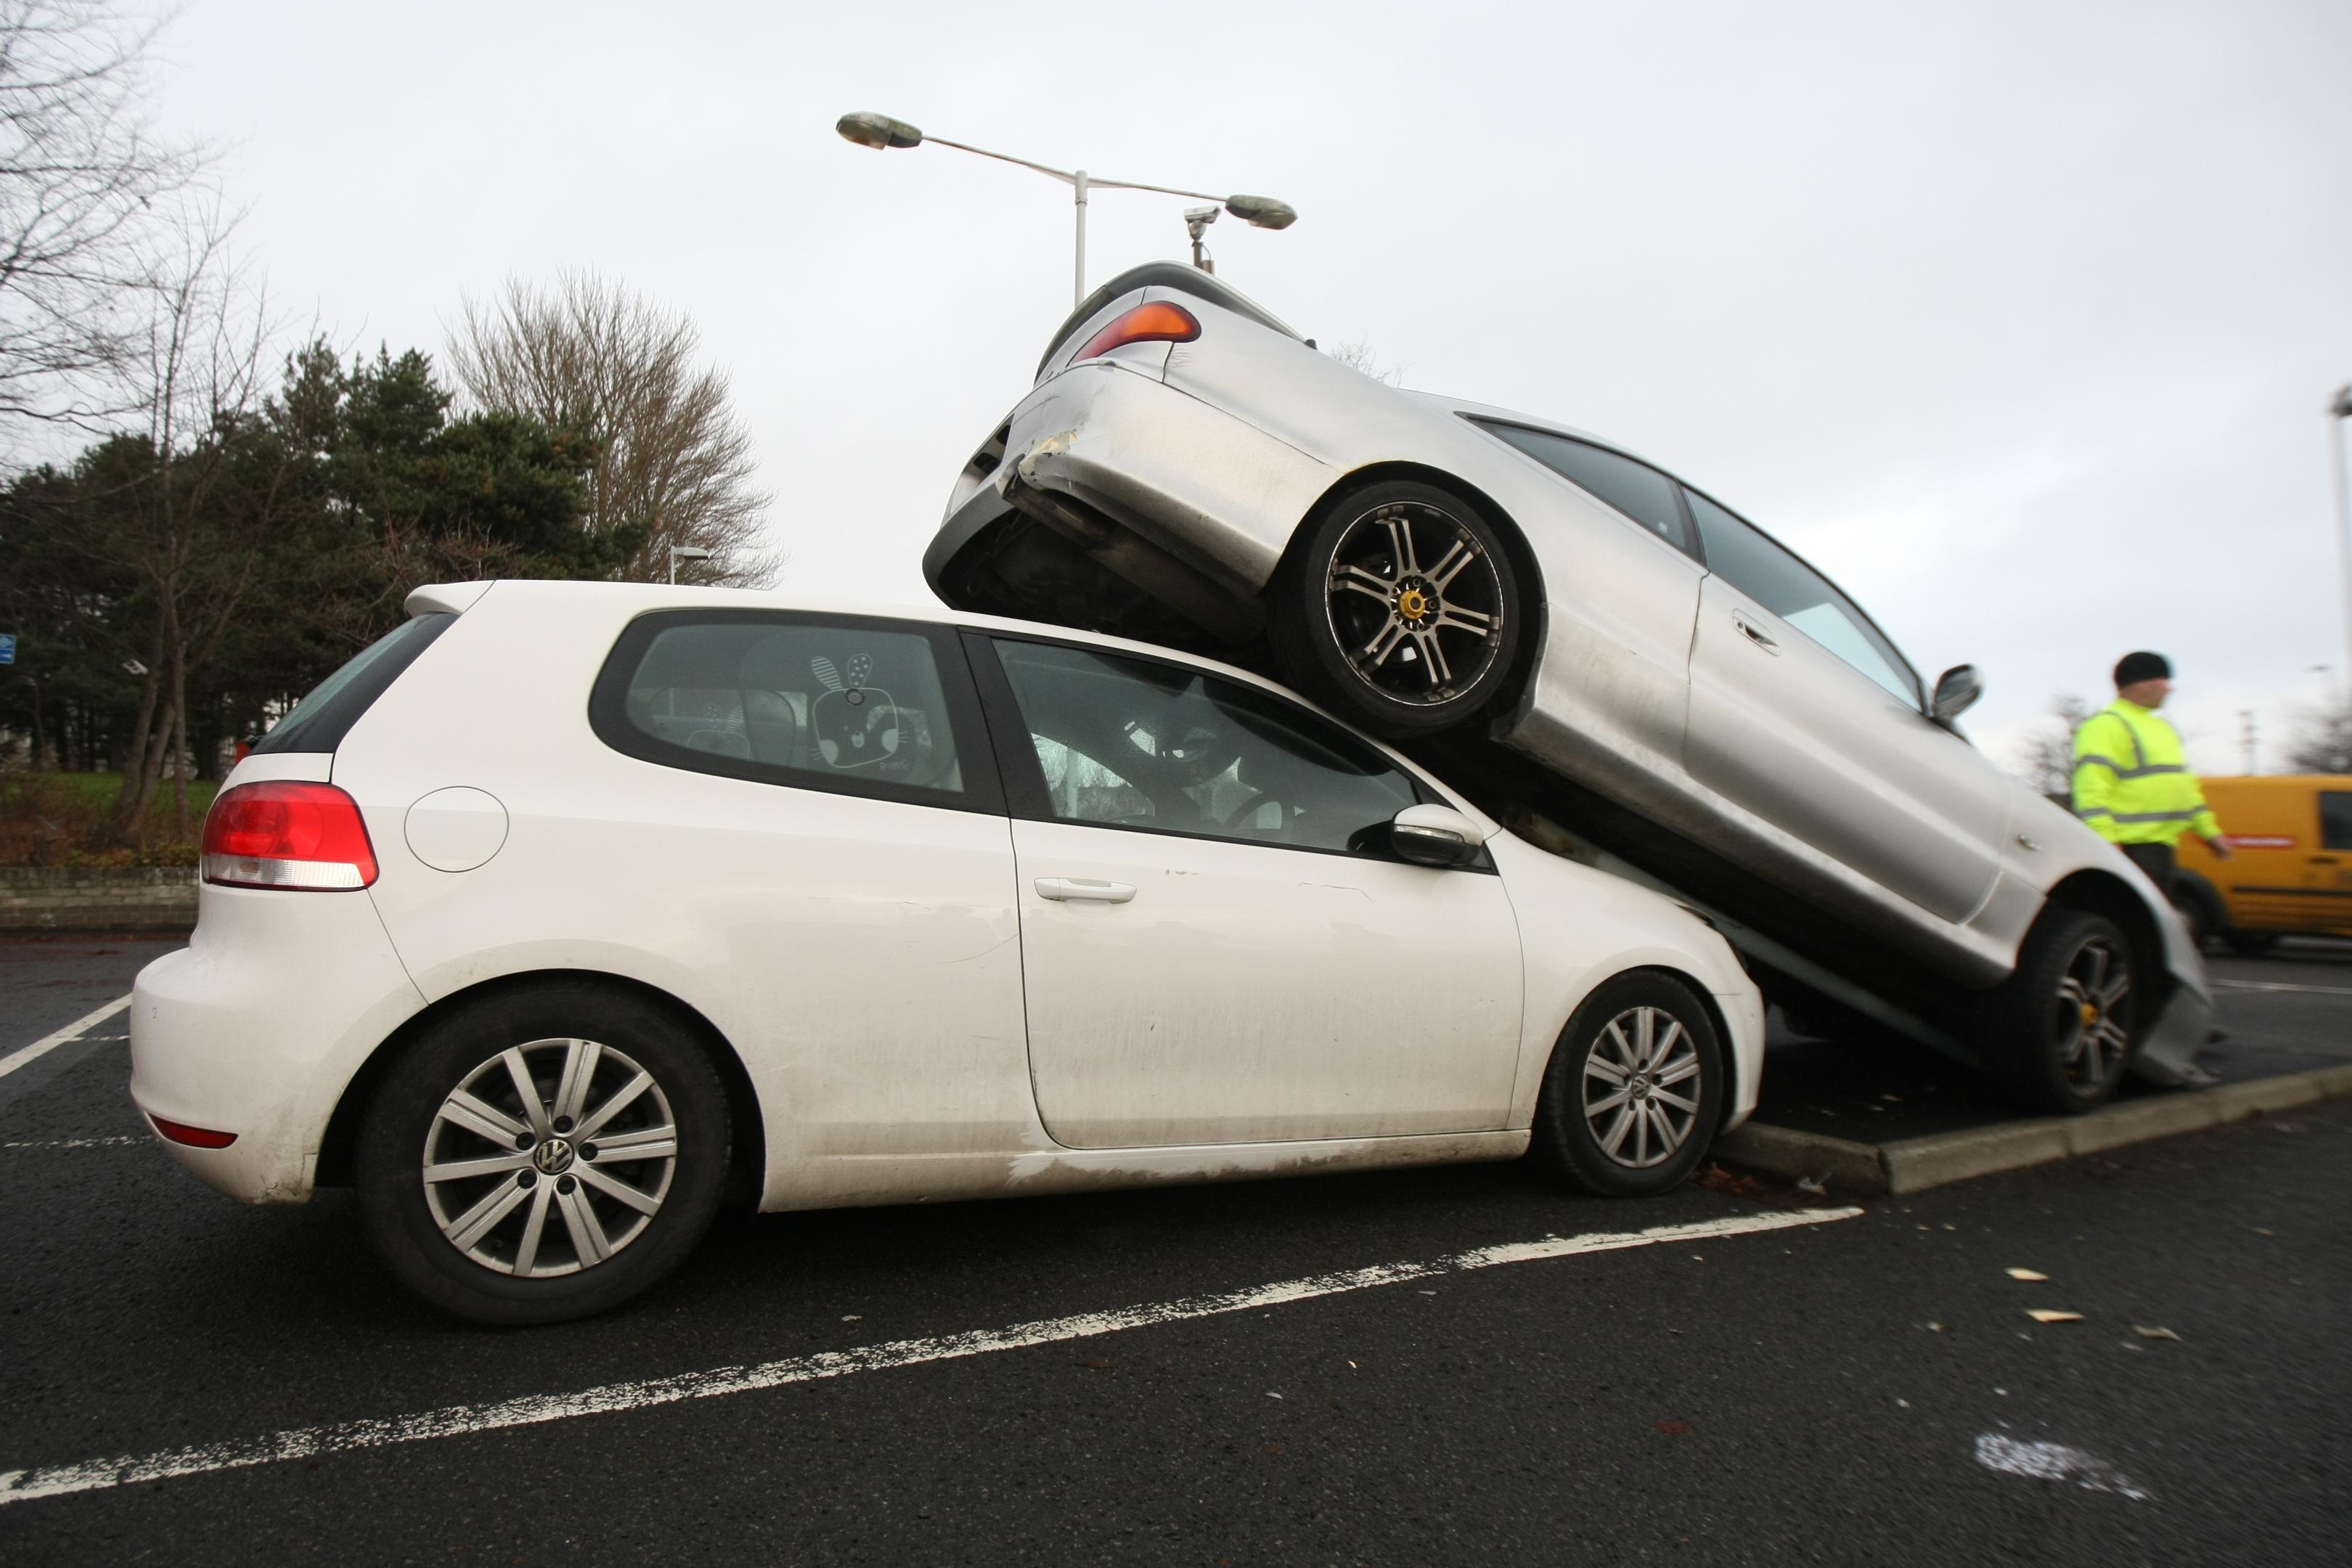 The car pile-up at Kirkcaldy rail station.